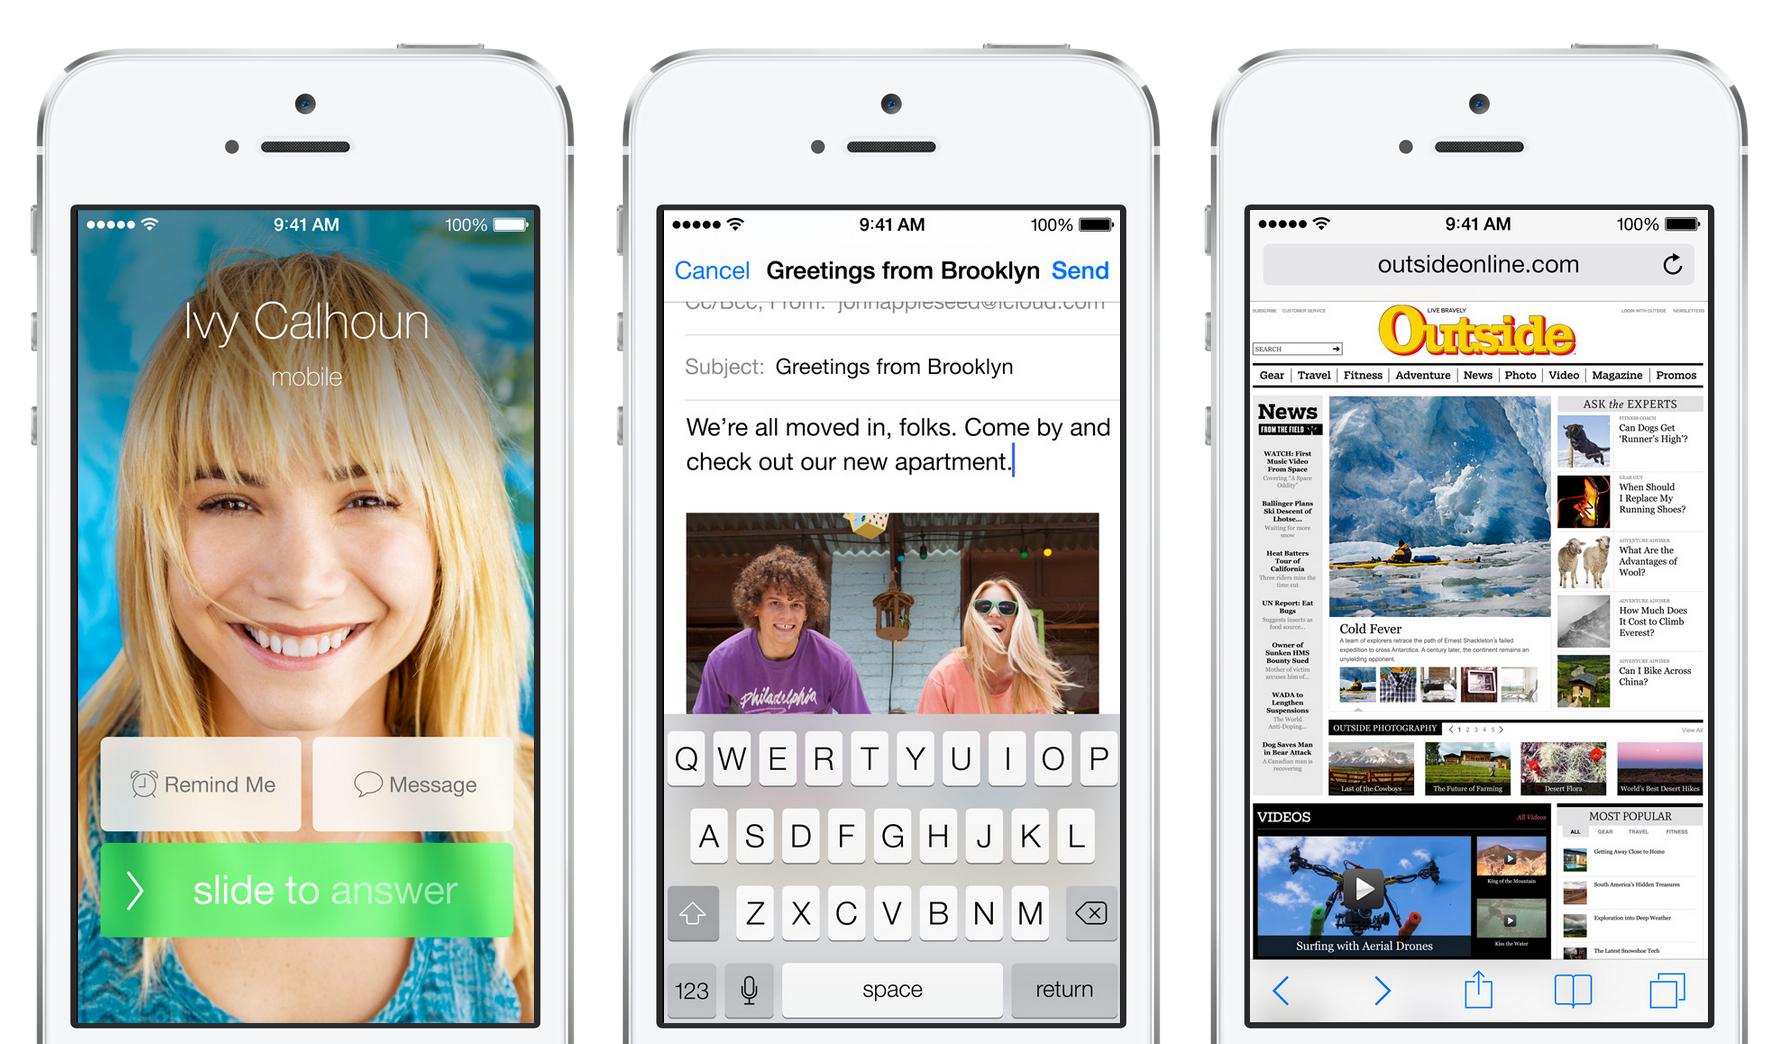 iOS 7にアップデートしたユーザーが80%に到達ー様々な不満を抱えるもiOS 6と同水準に